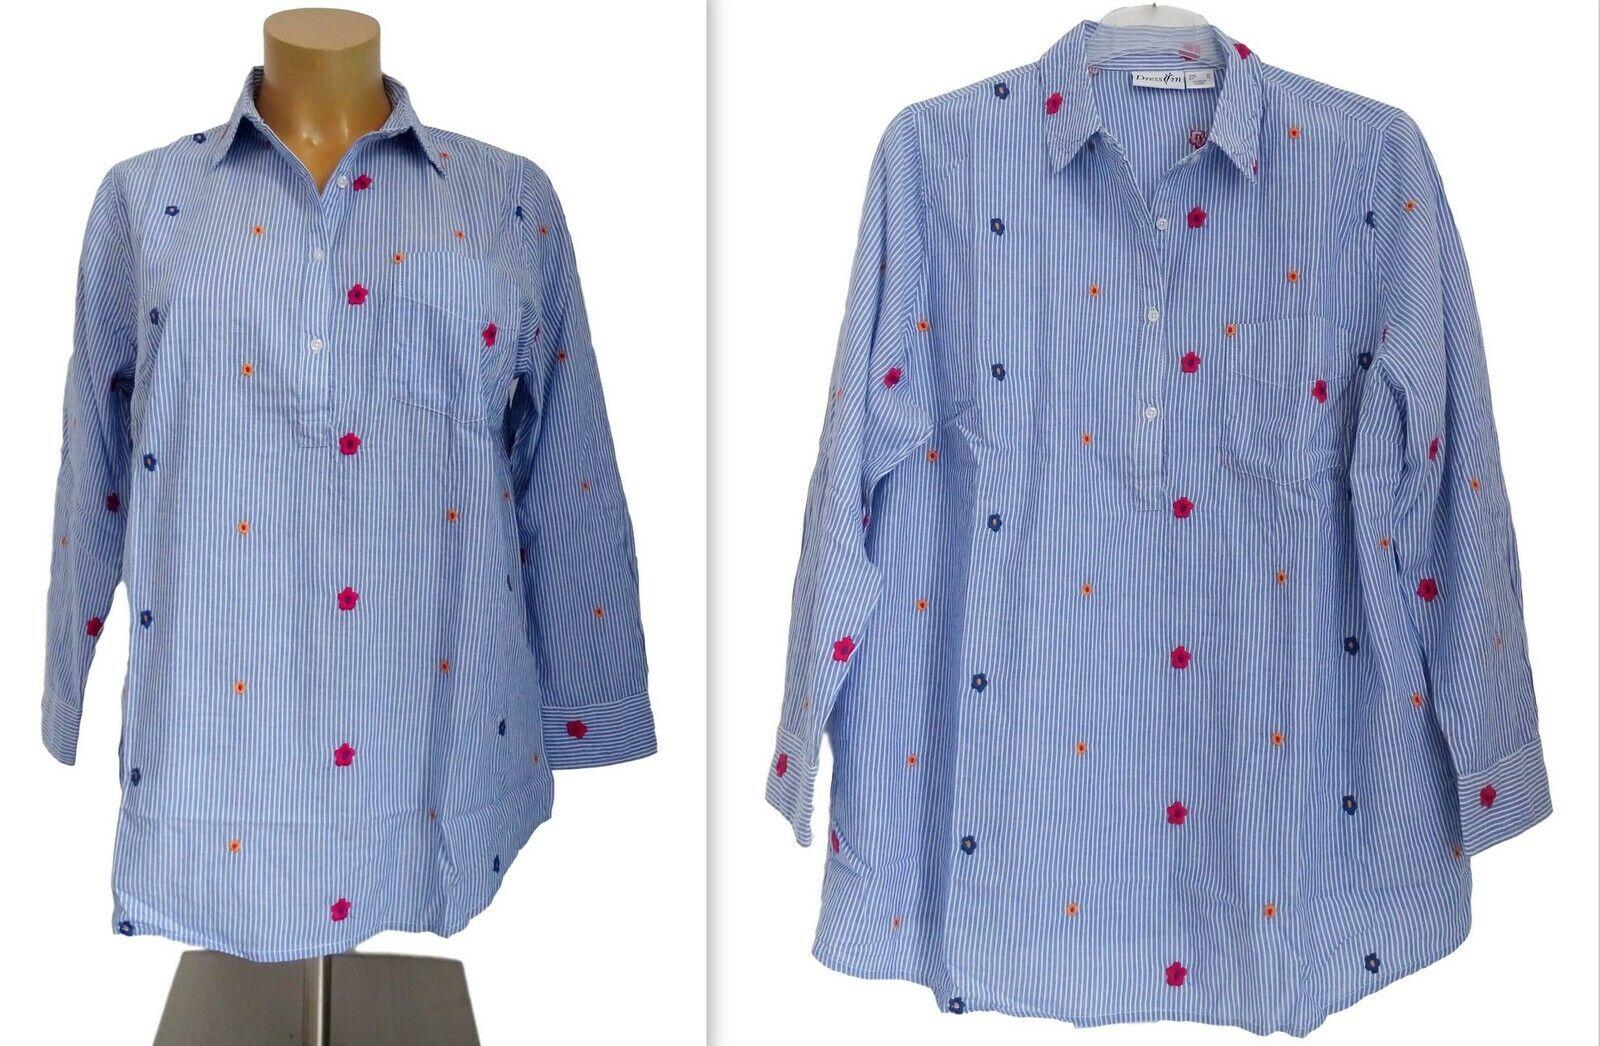 NEU Übergröße Damen Streifen Bluse blau weiß Blumenstickerei Unik Gr.48,50,52,54